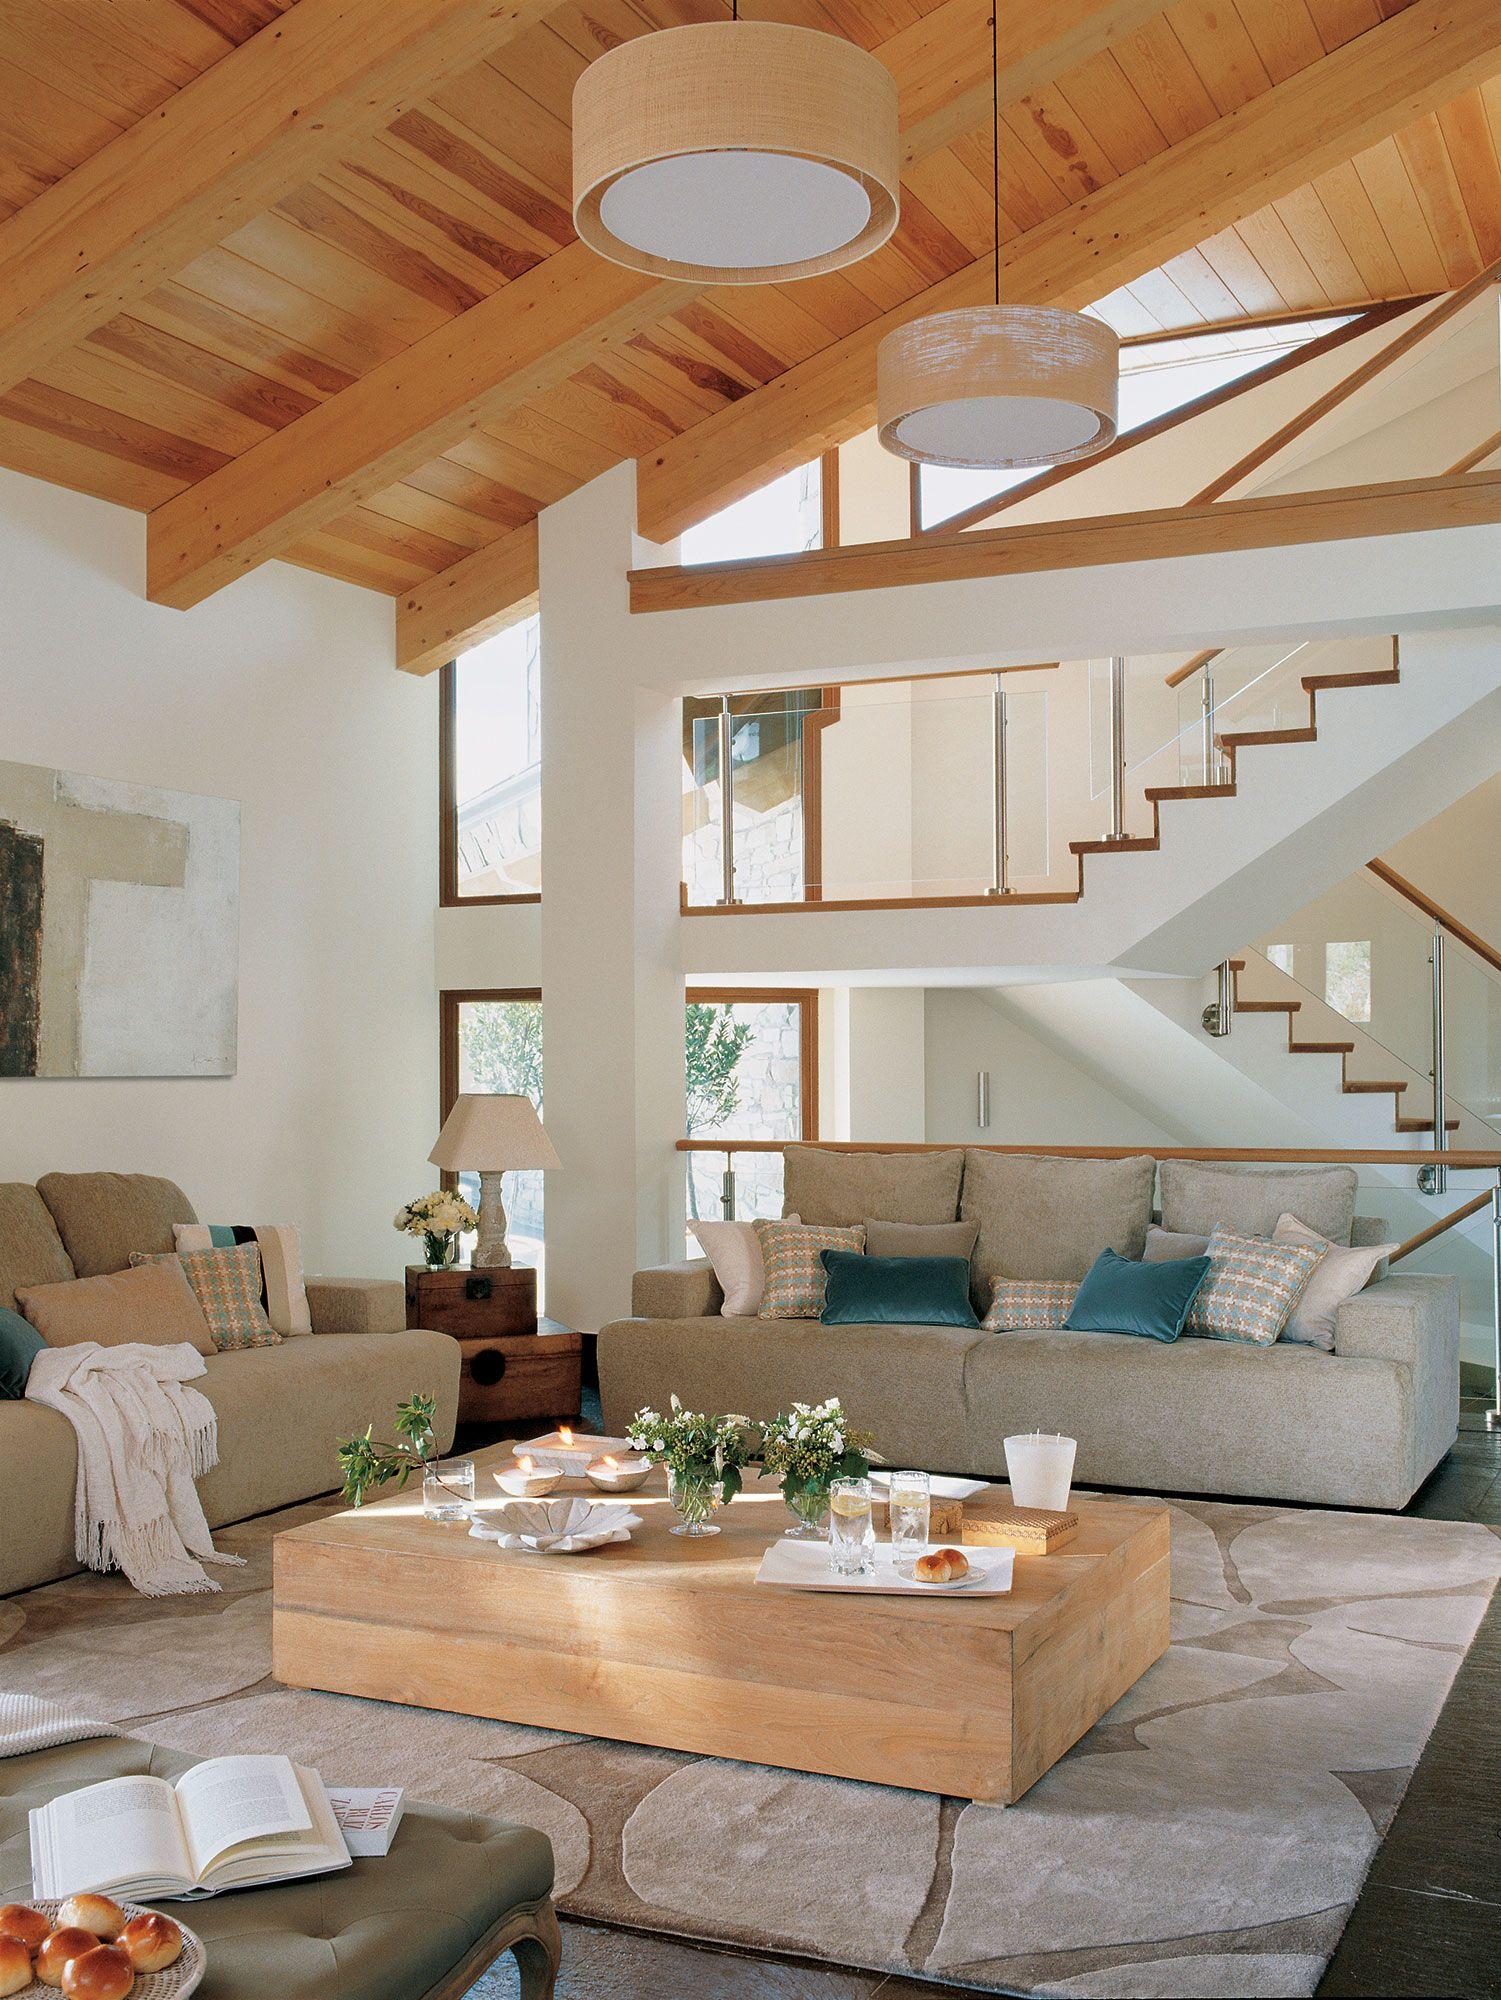 Un r stico renovado en 2019 living room pinterest - Vigas decorativas ...